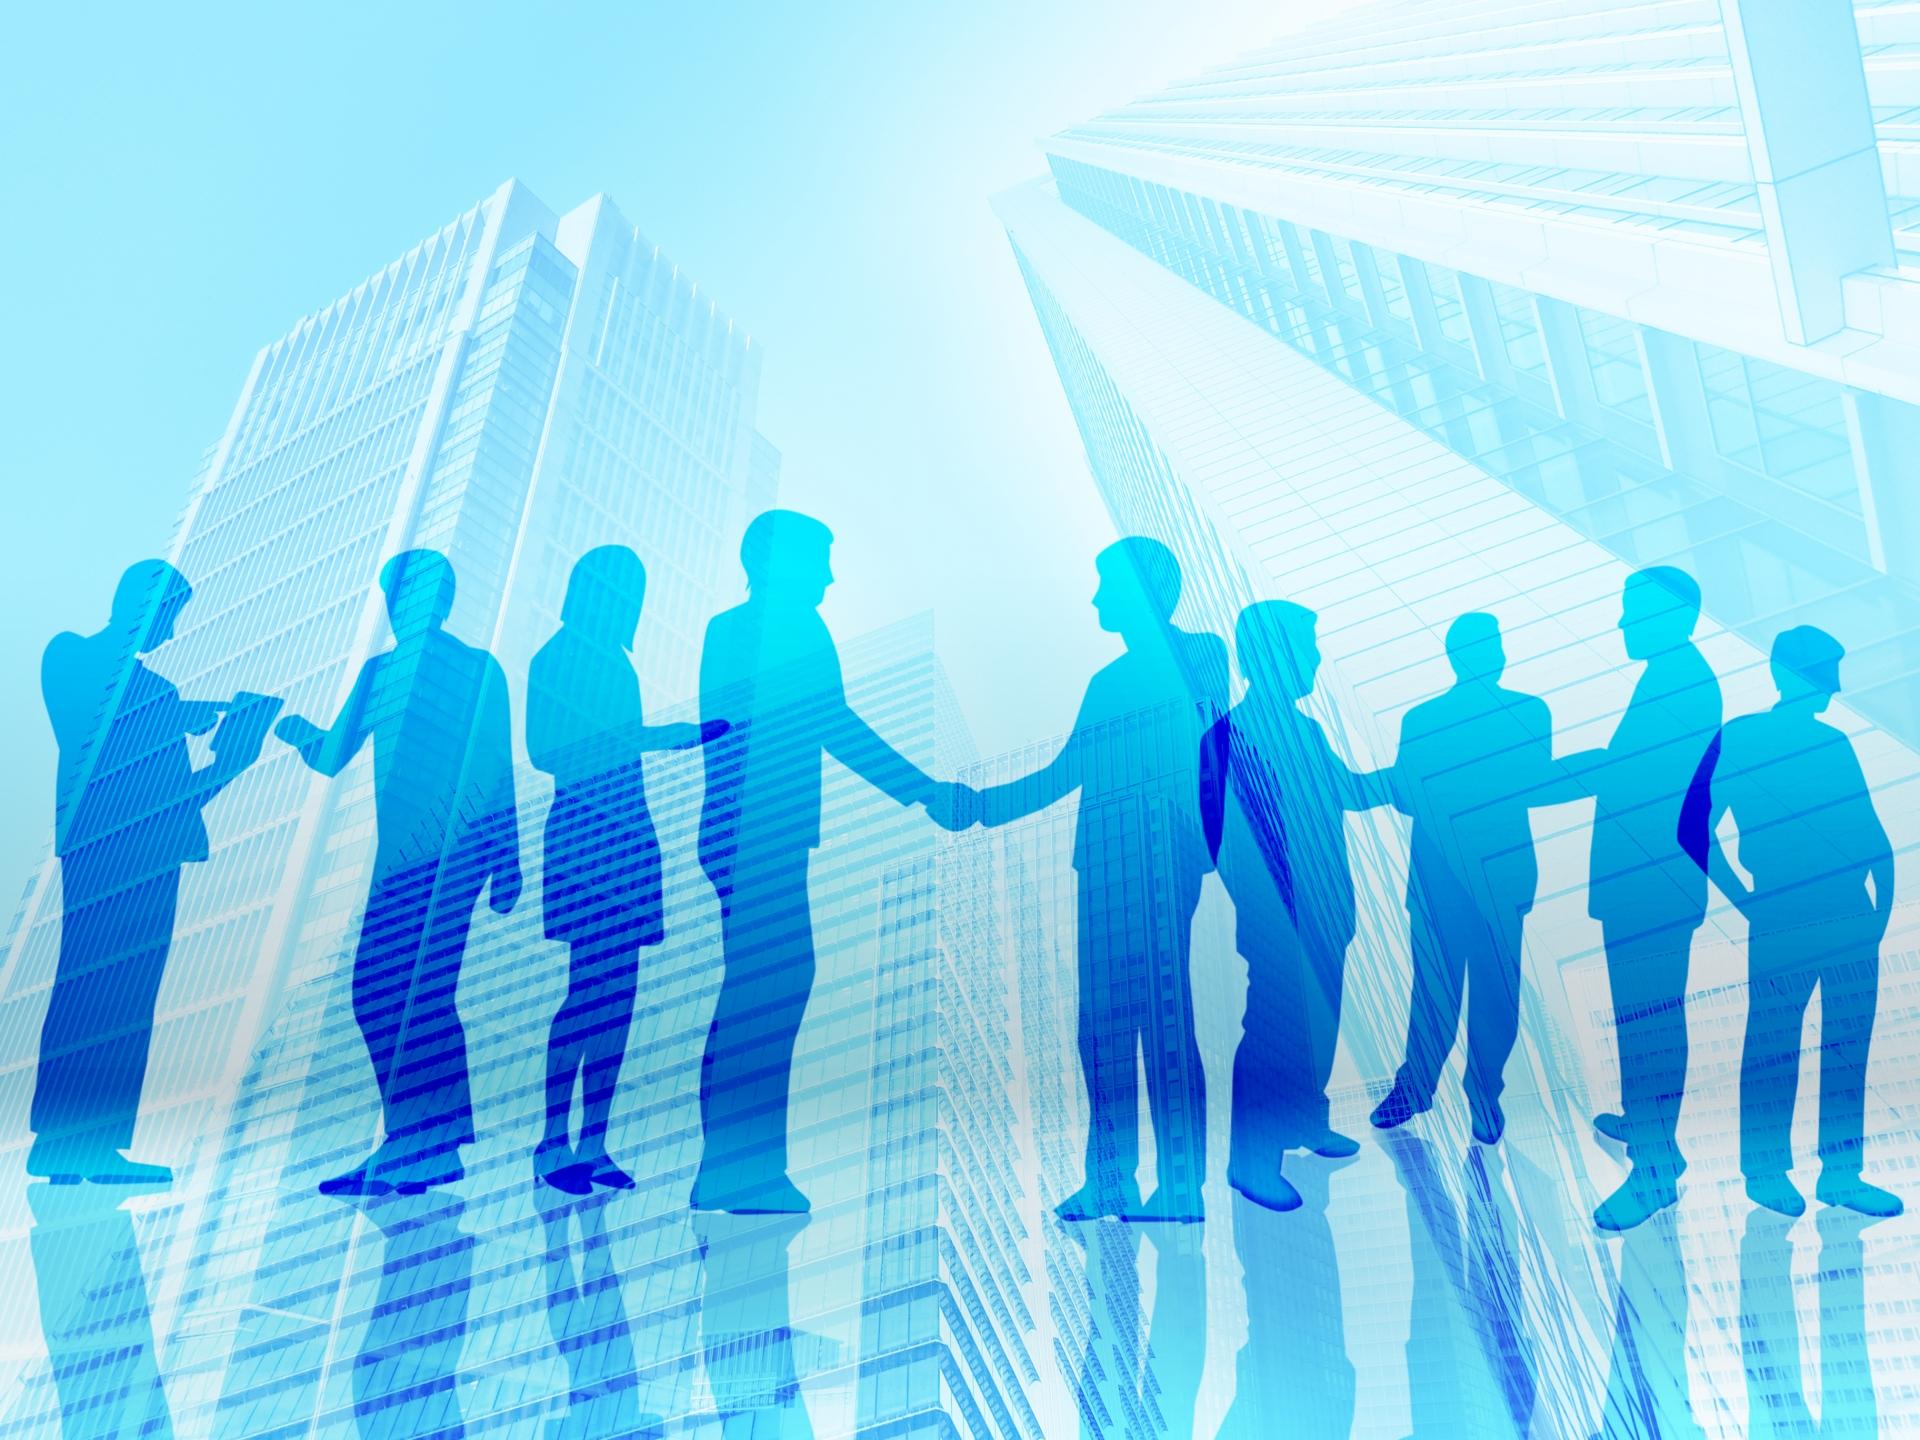 MBA ( 経営学修士 ) は 起業 、ベンチャー 経営 に役立つのかどうか